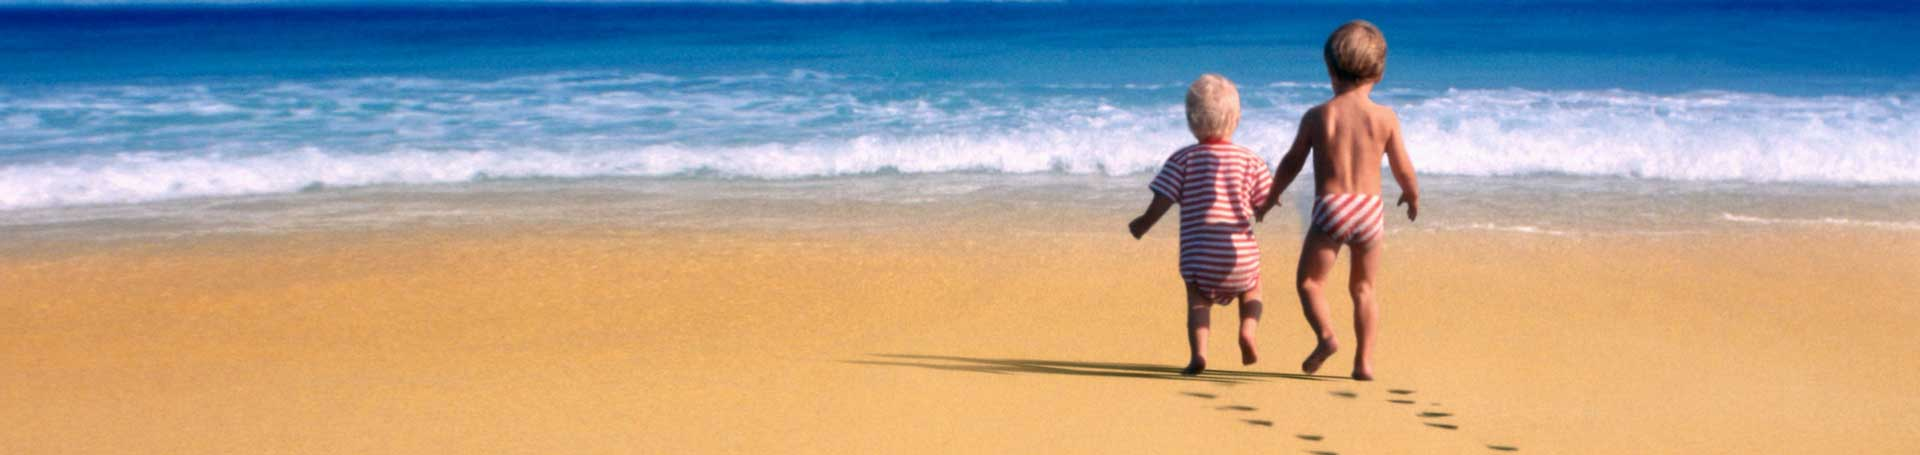 beach-kids-babies-wallpaper-1